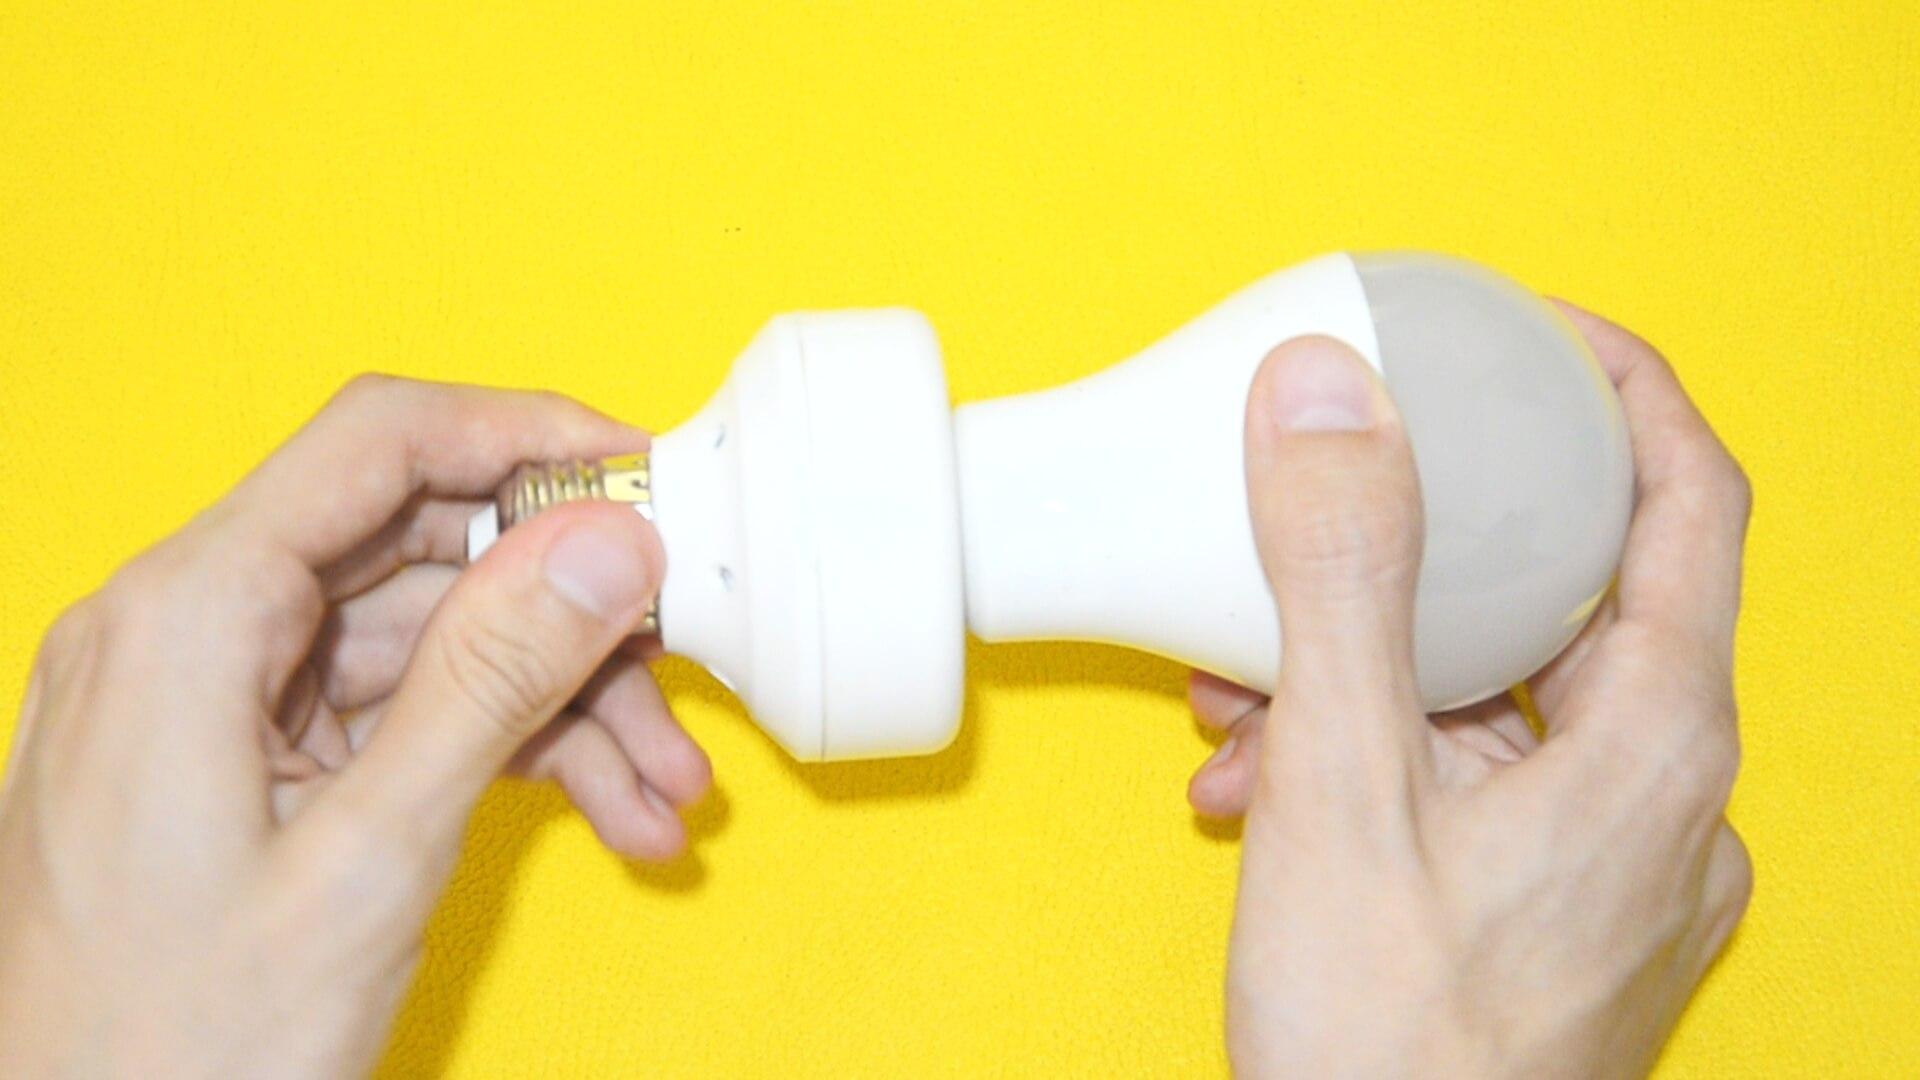 Instalação do Bluelux para controlar lâmpadas